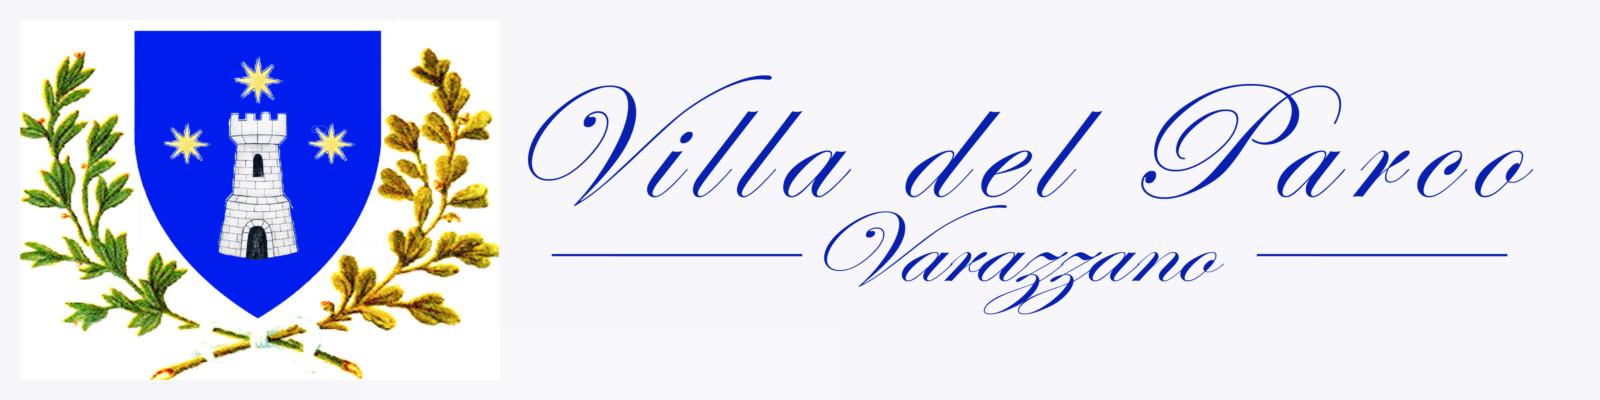 Villa del Parco - Varazzano